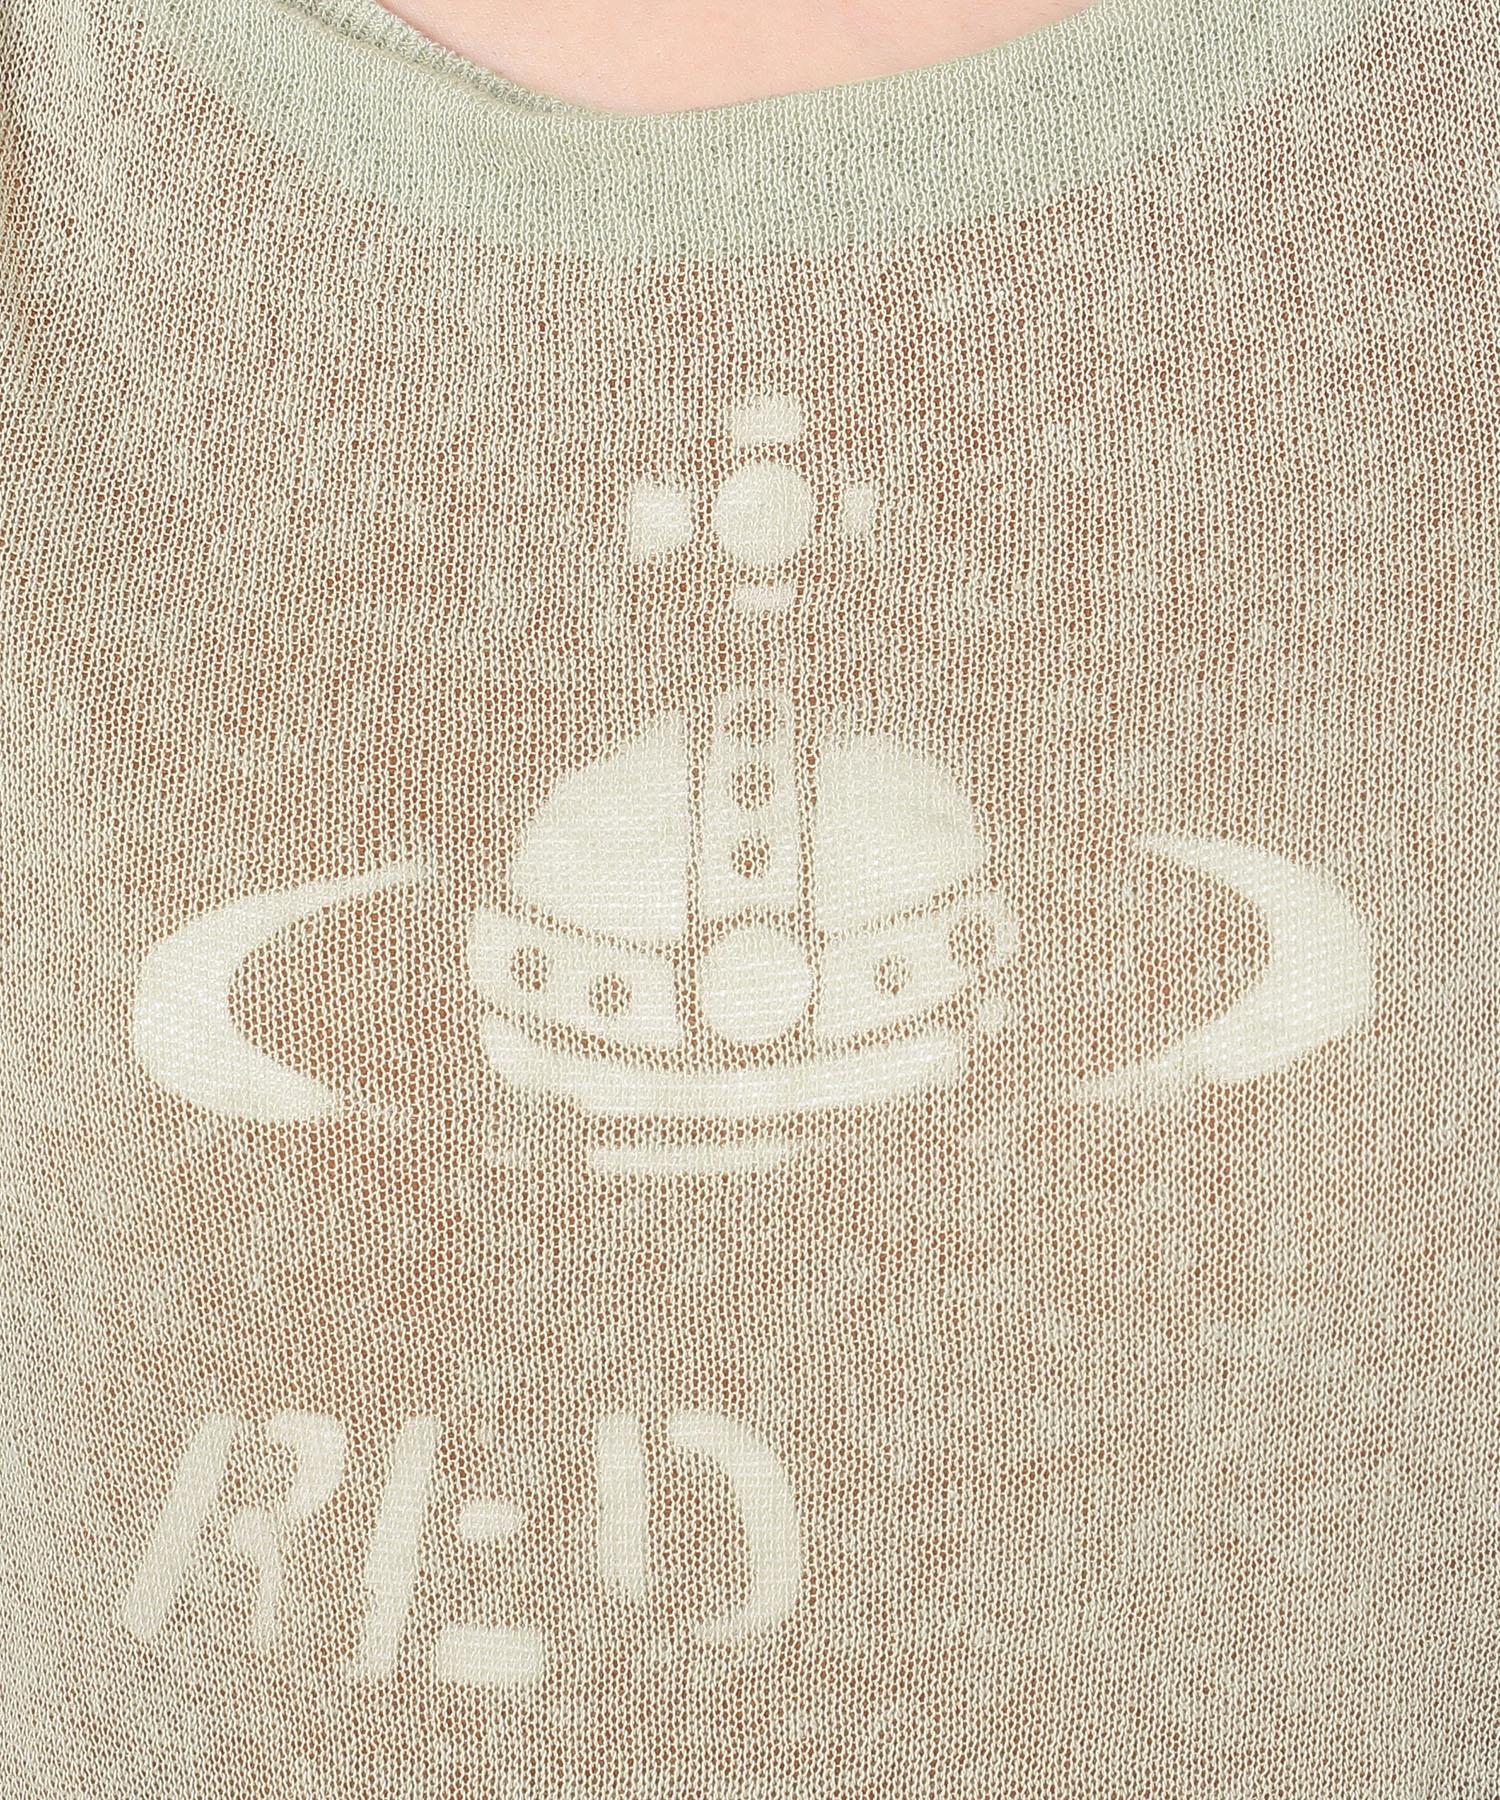 ソフトボンテージ Tシャツワンピース